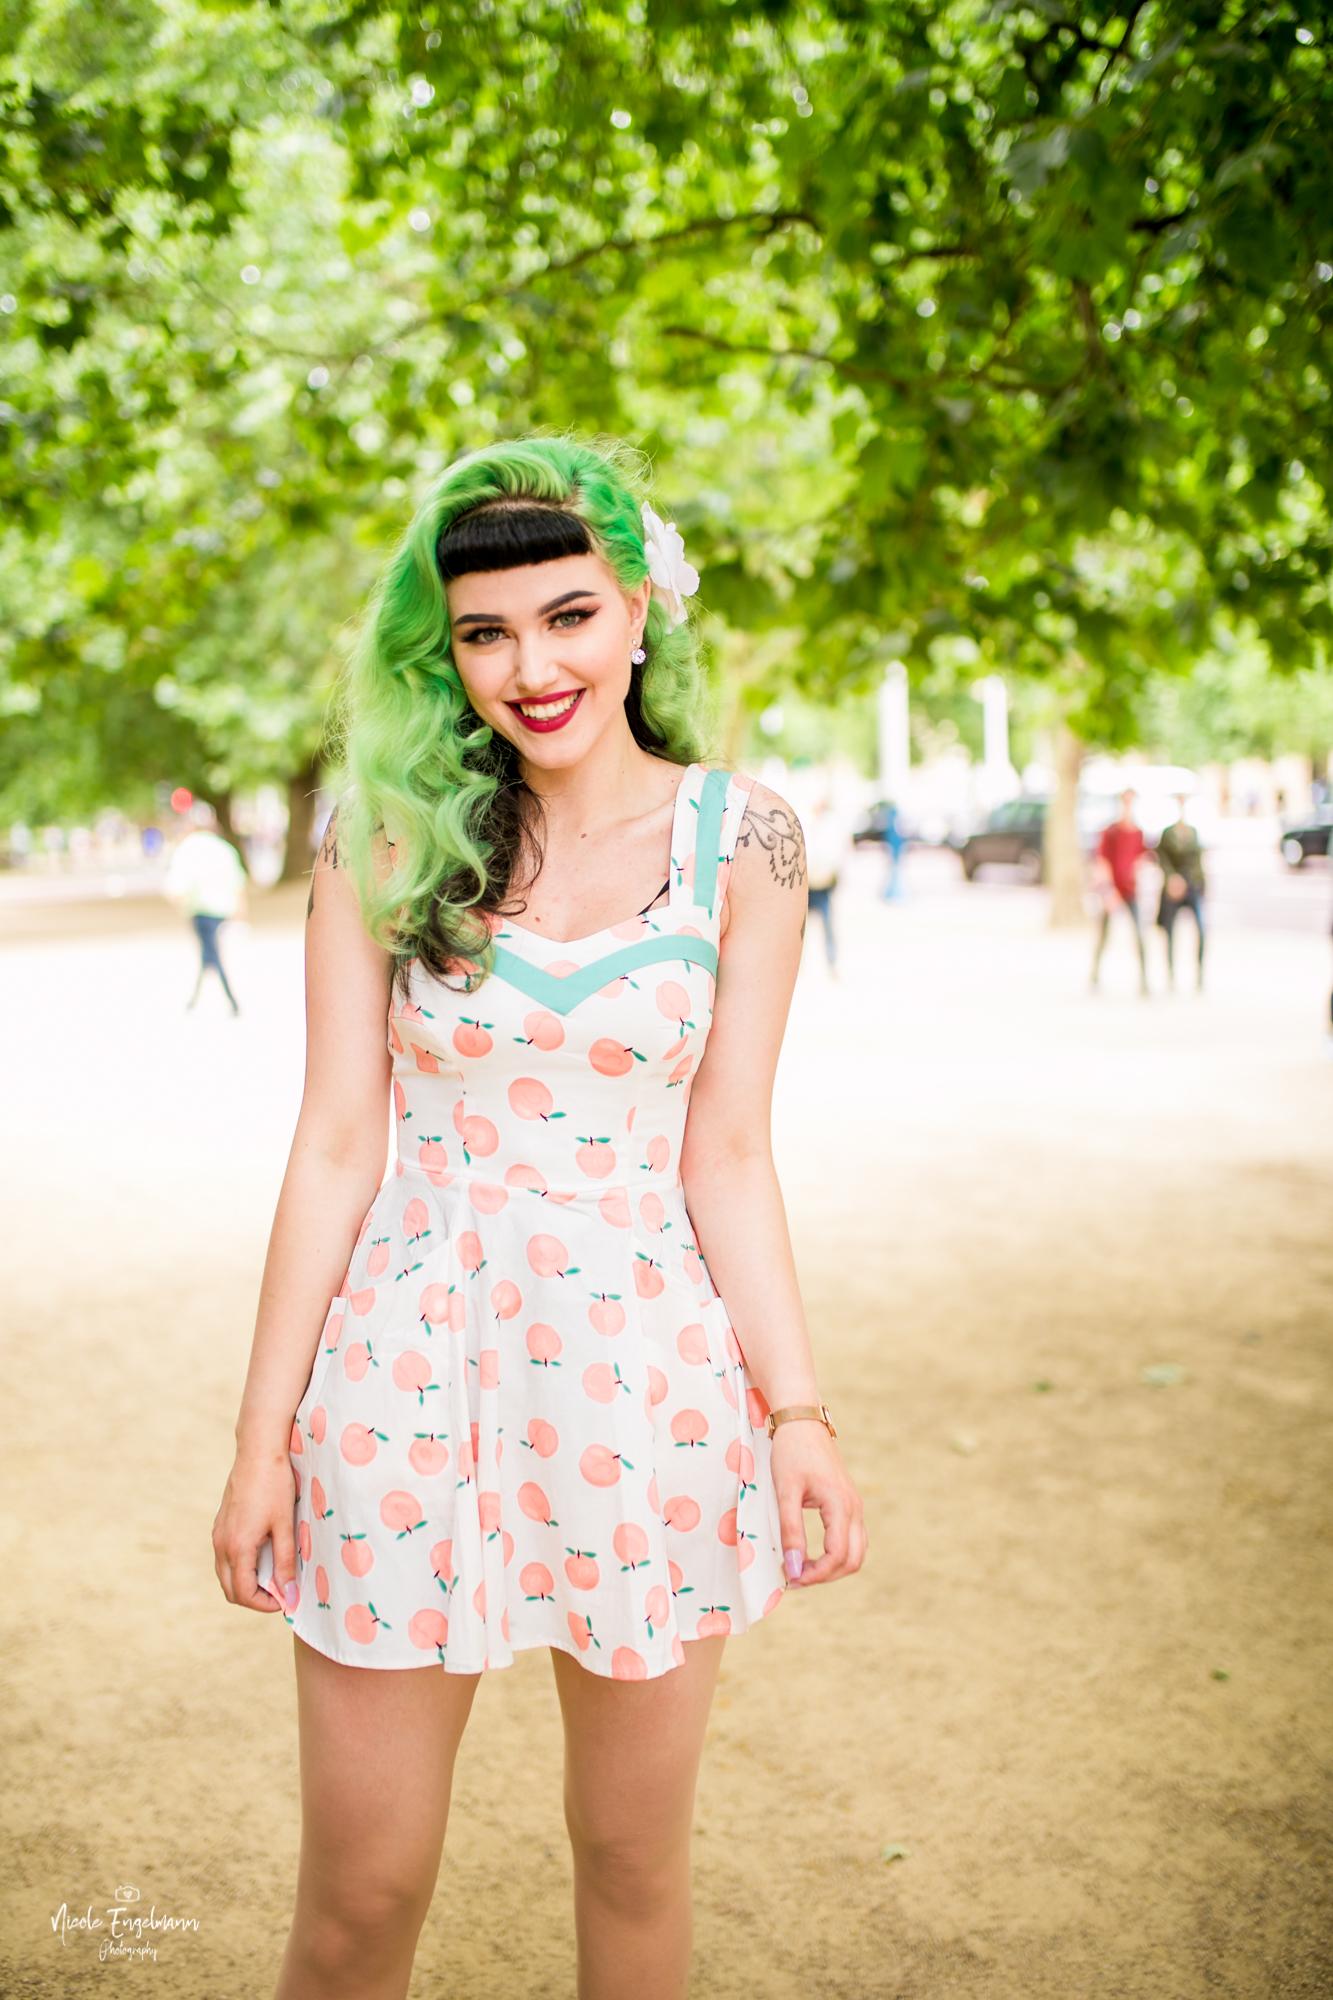 Chloe WM-15.jpg